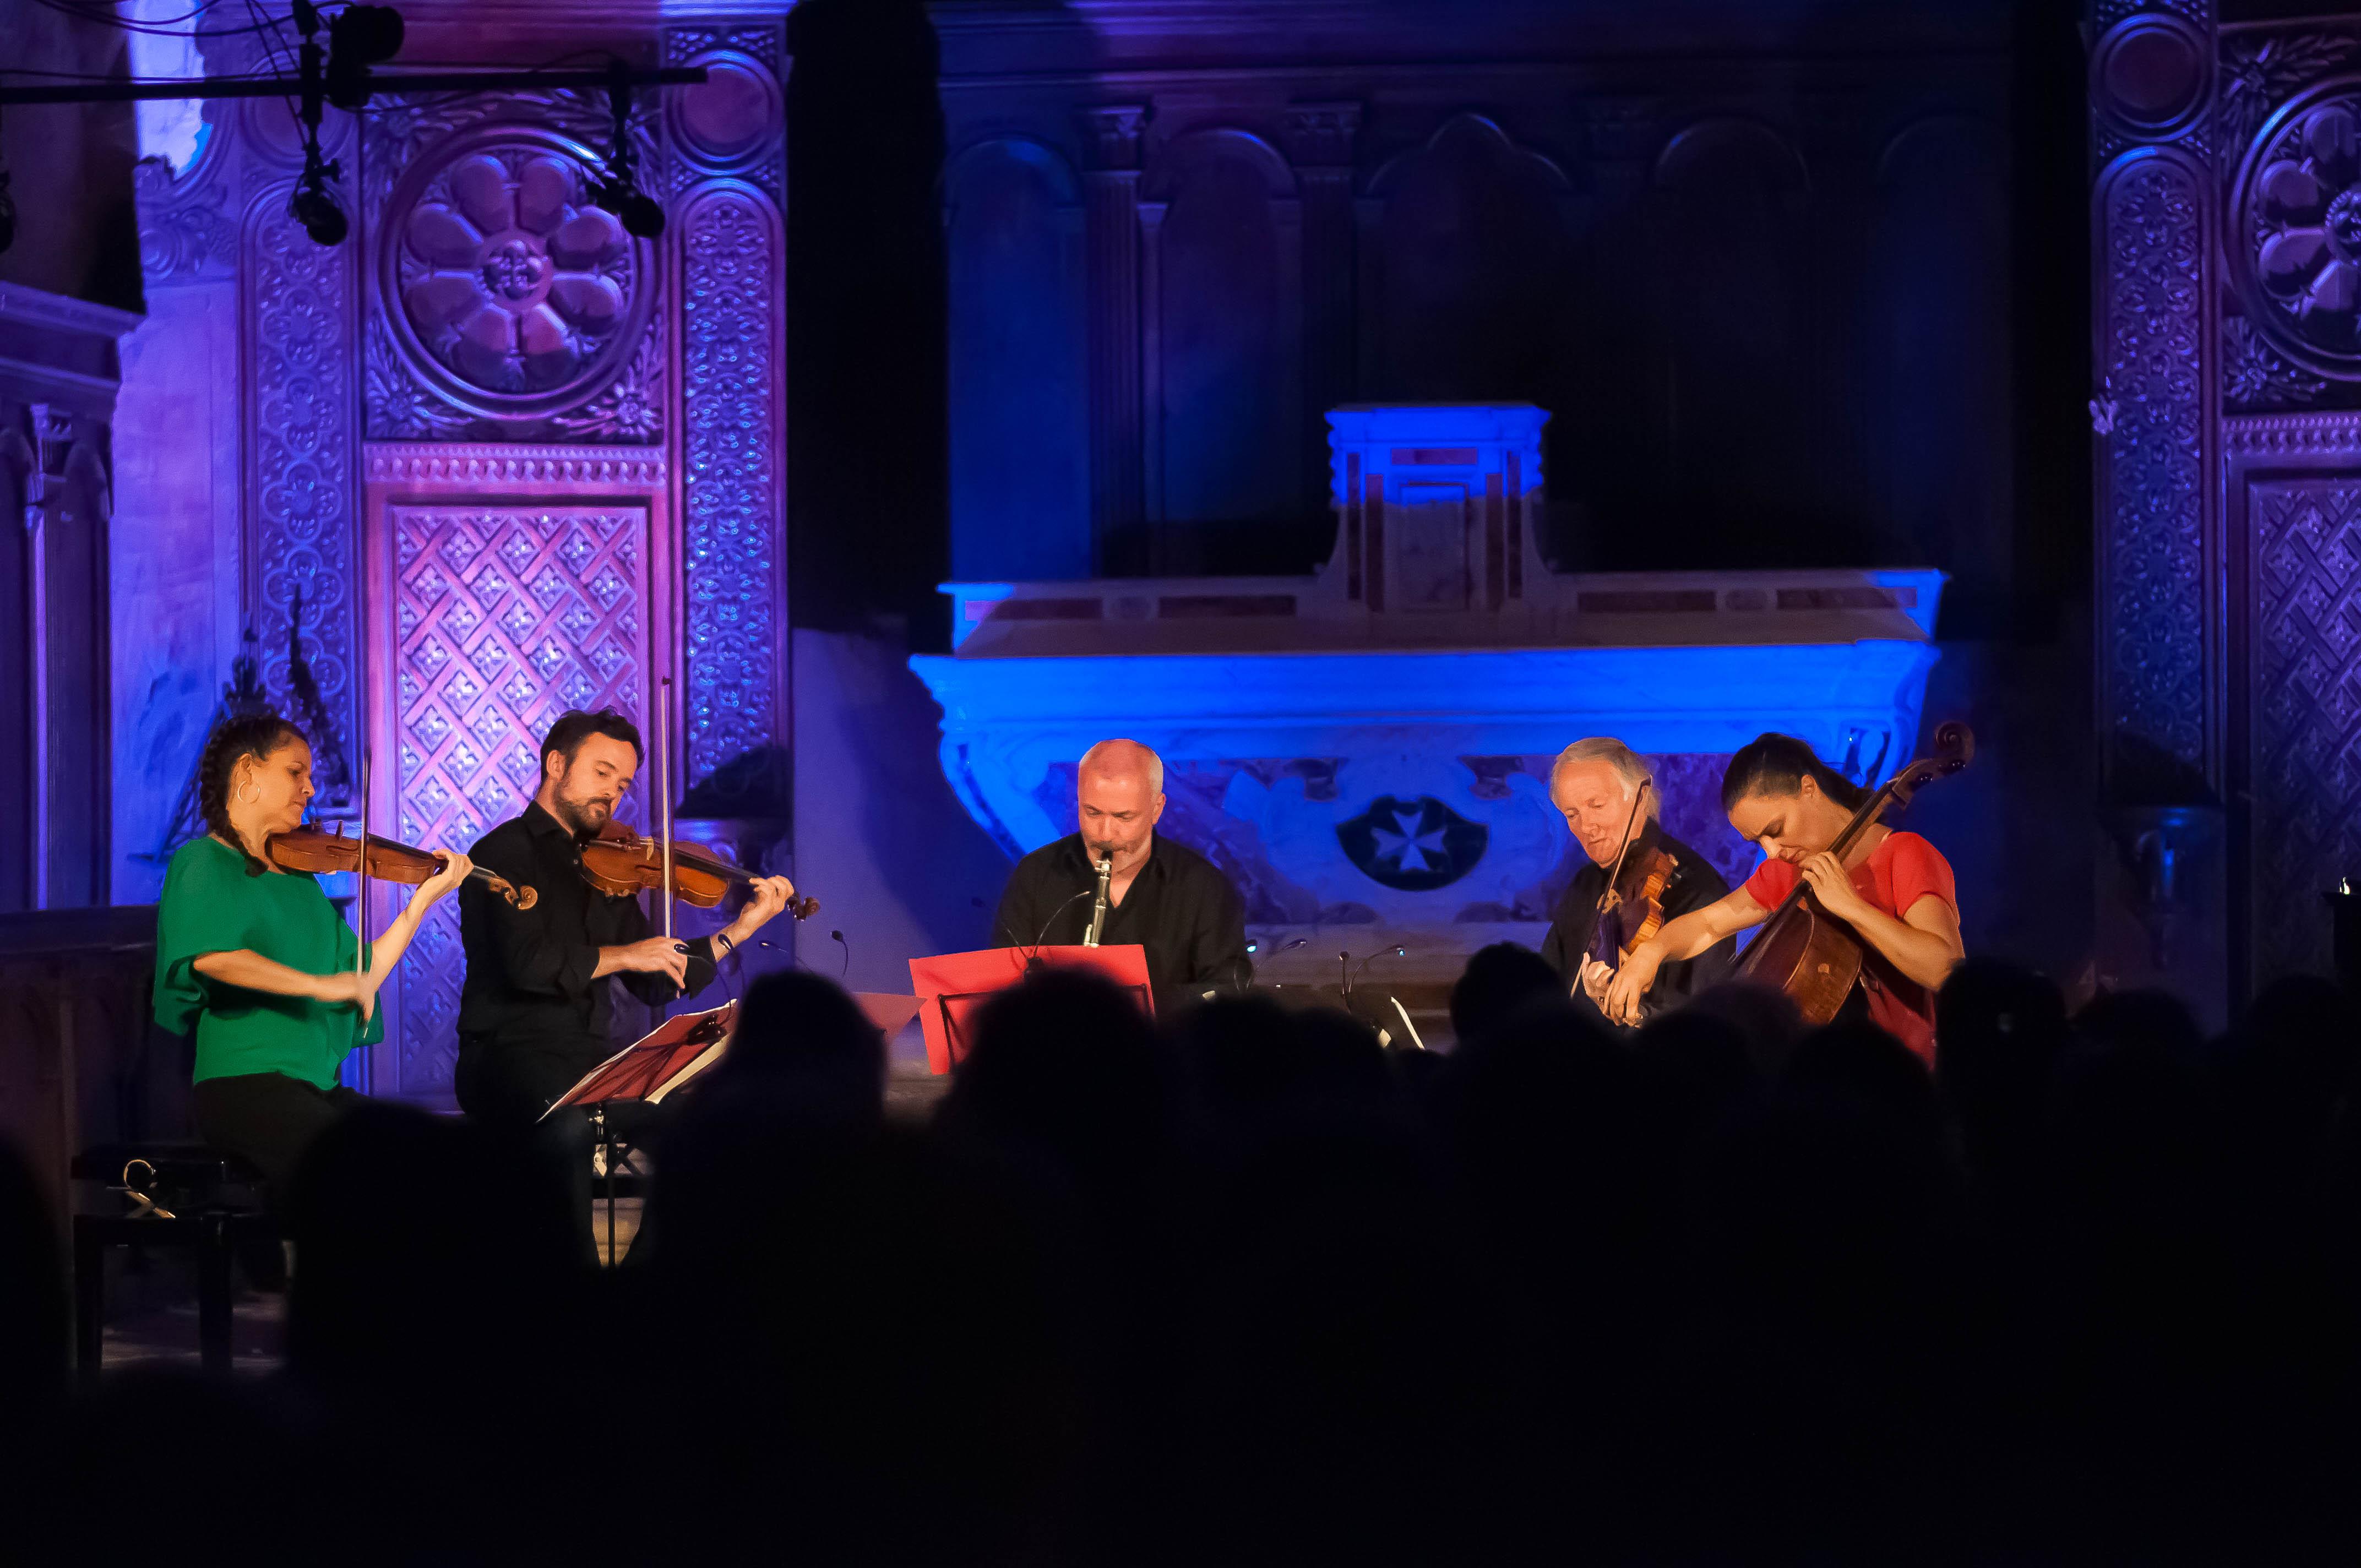 Le clarinettiste François Miquel dans le quintette avec Clarinette de Brahms avec le Quatuor Elias